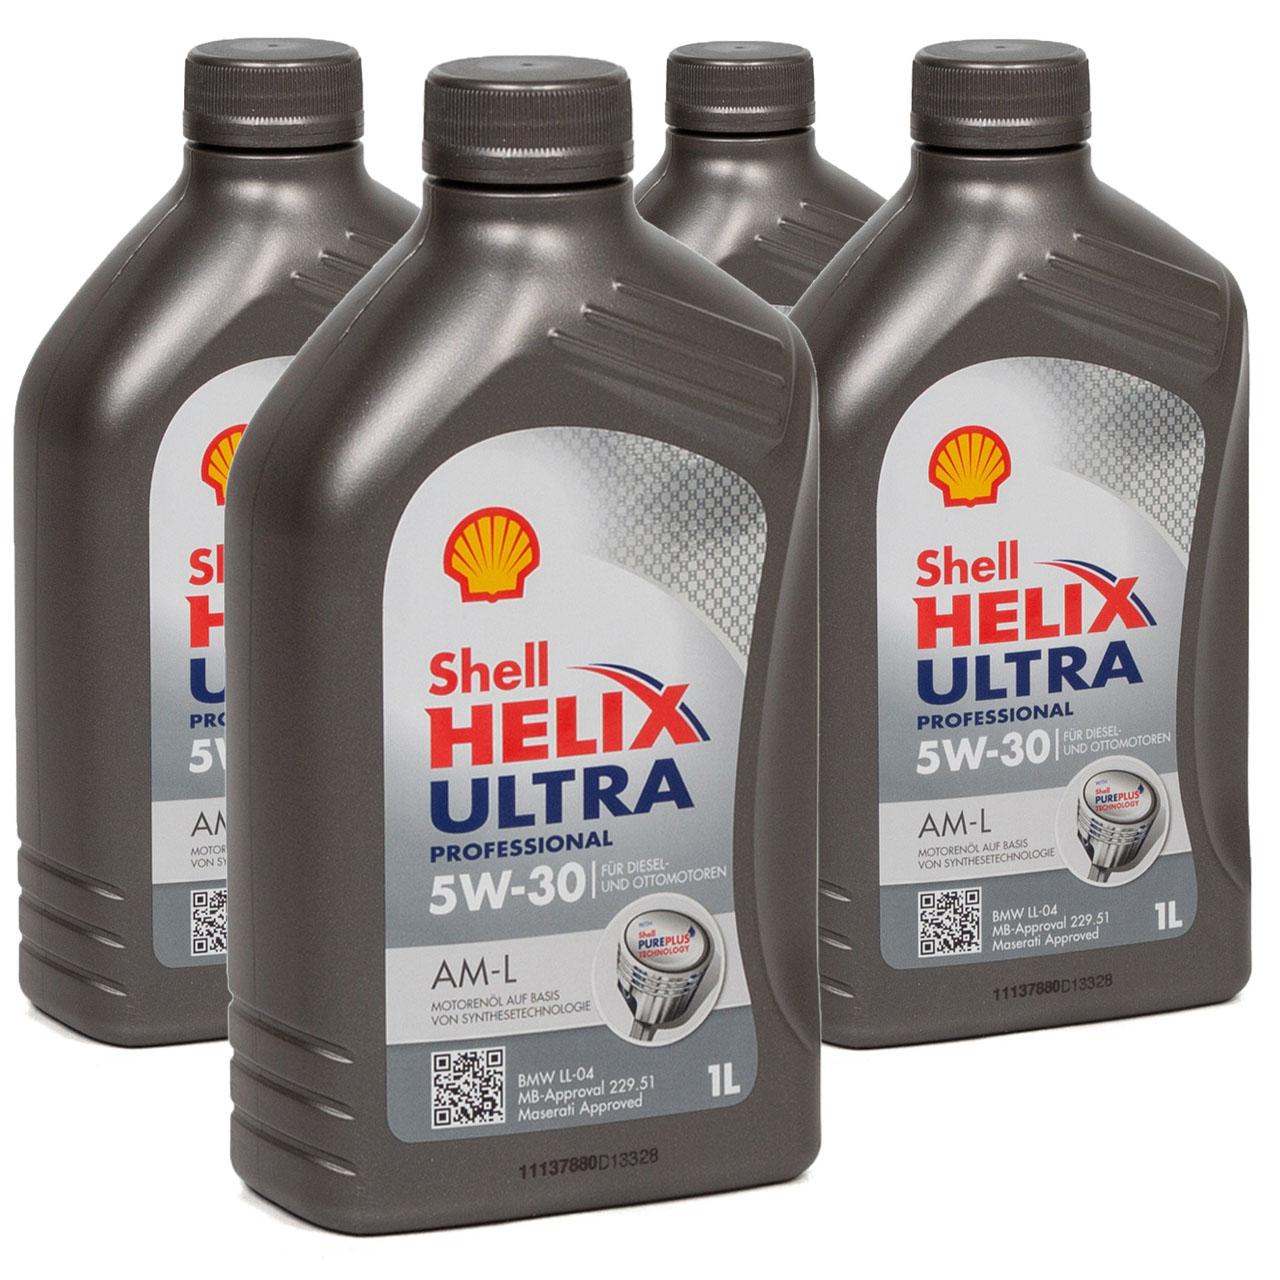 SHELL Motoröl Öl HELIX ULTRA Professional AM-L 5W30 für BMW LL-04 - 4L 4 Liter